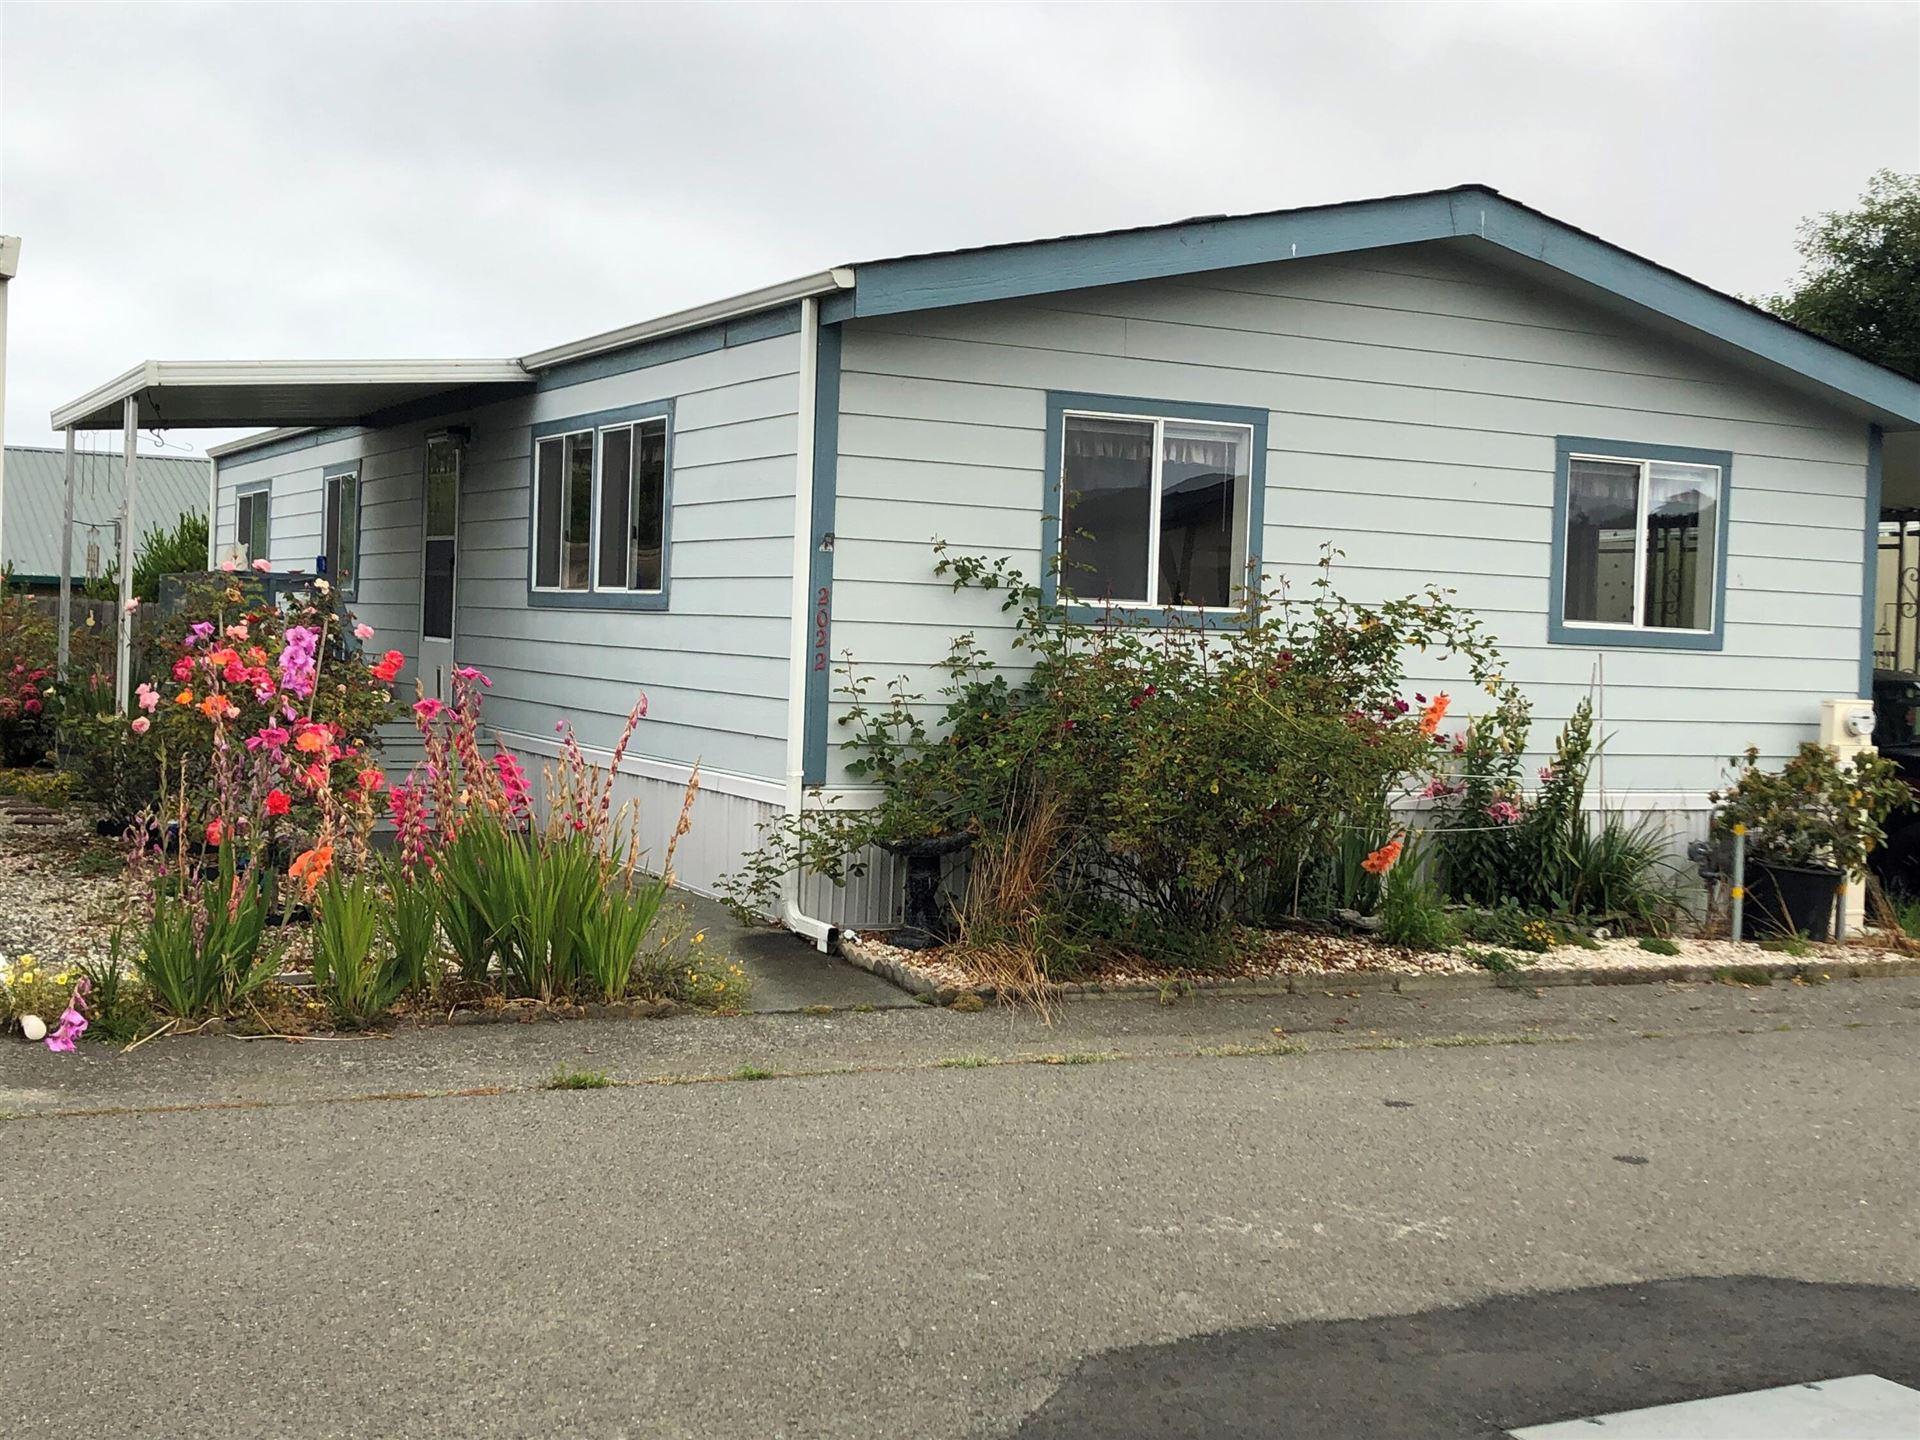 2022 Hummingbird Drive, McKinleyville, CA 95519 - MLS#: 259714